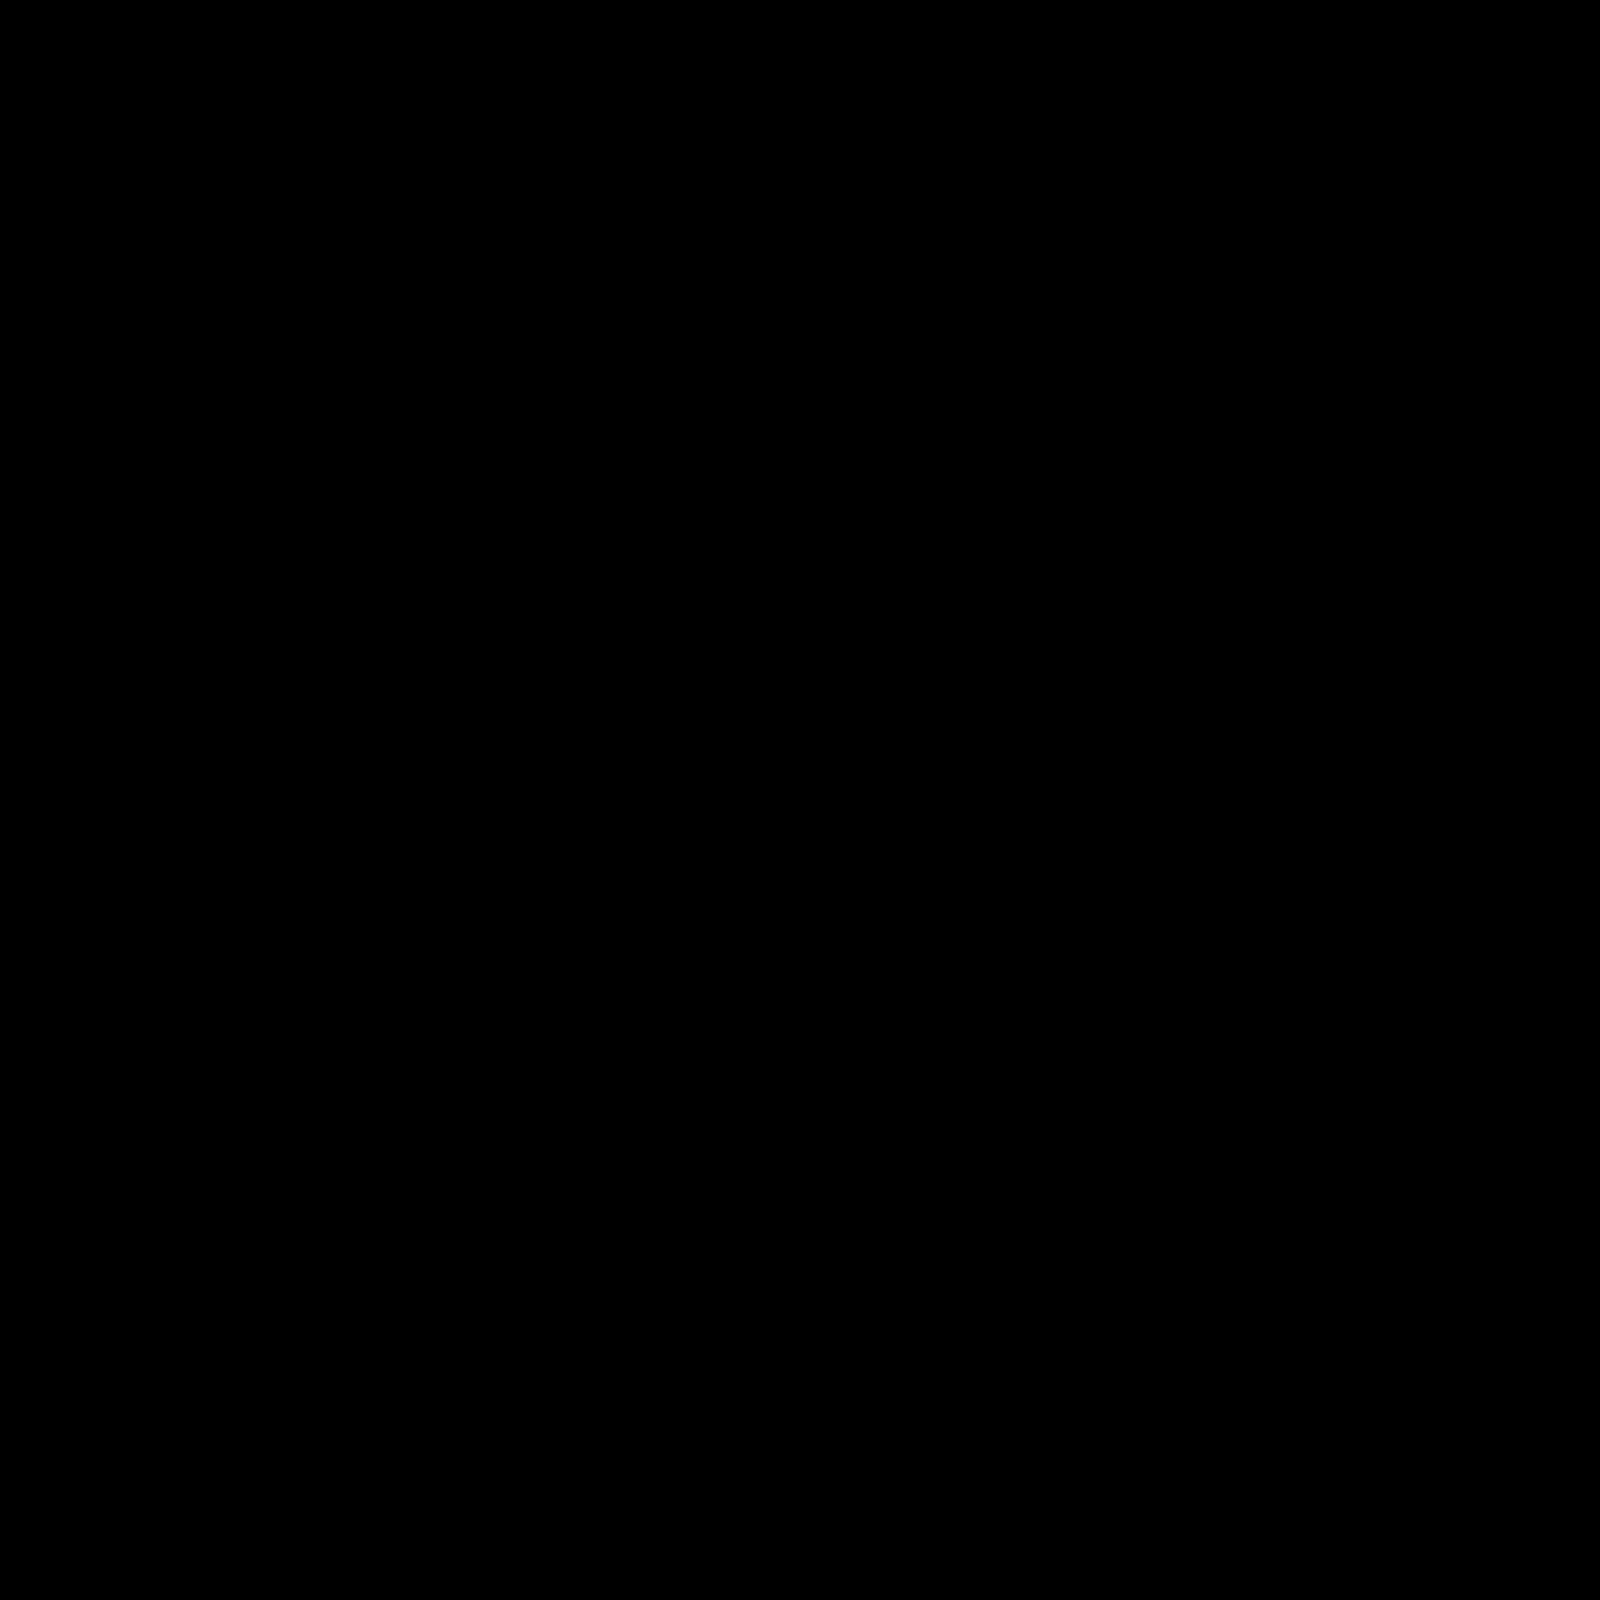 テーマ icon